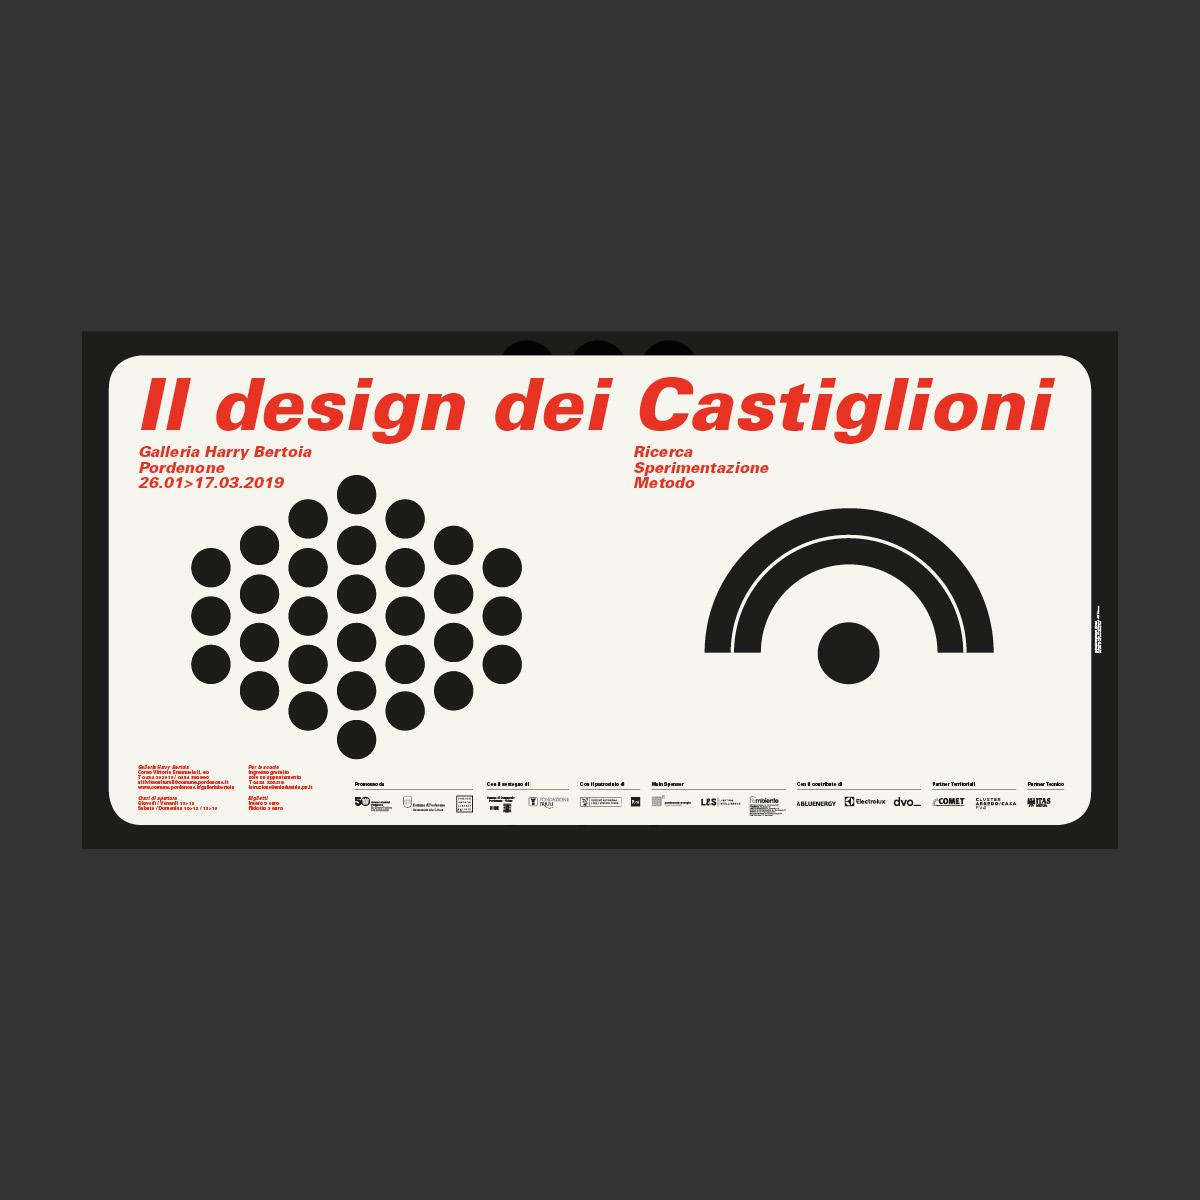 Il-design-dei-CastiglioniRicerca-Sperimentazione-Metodo-002